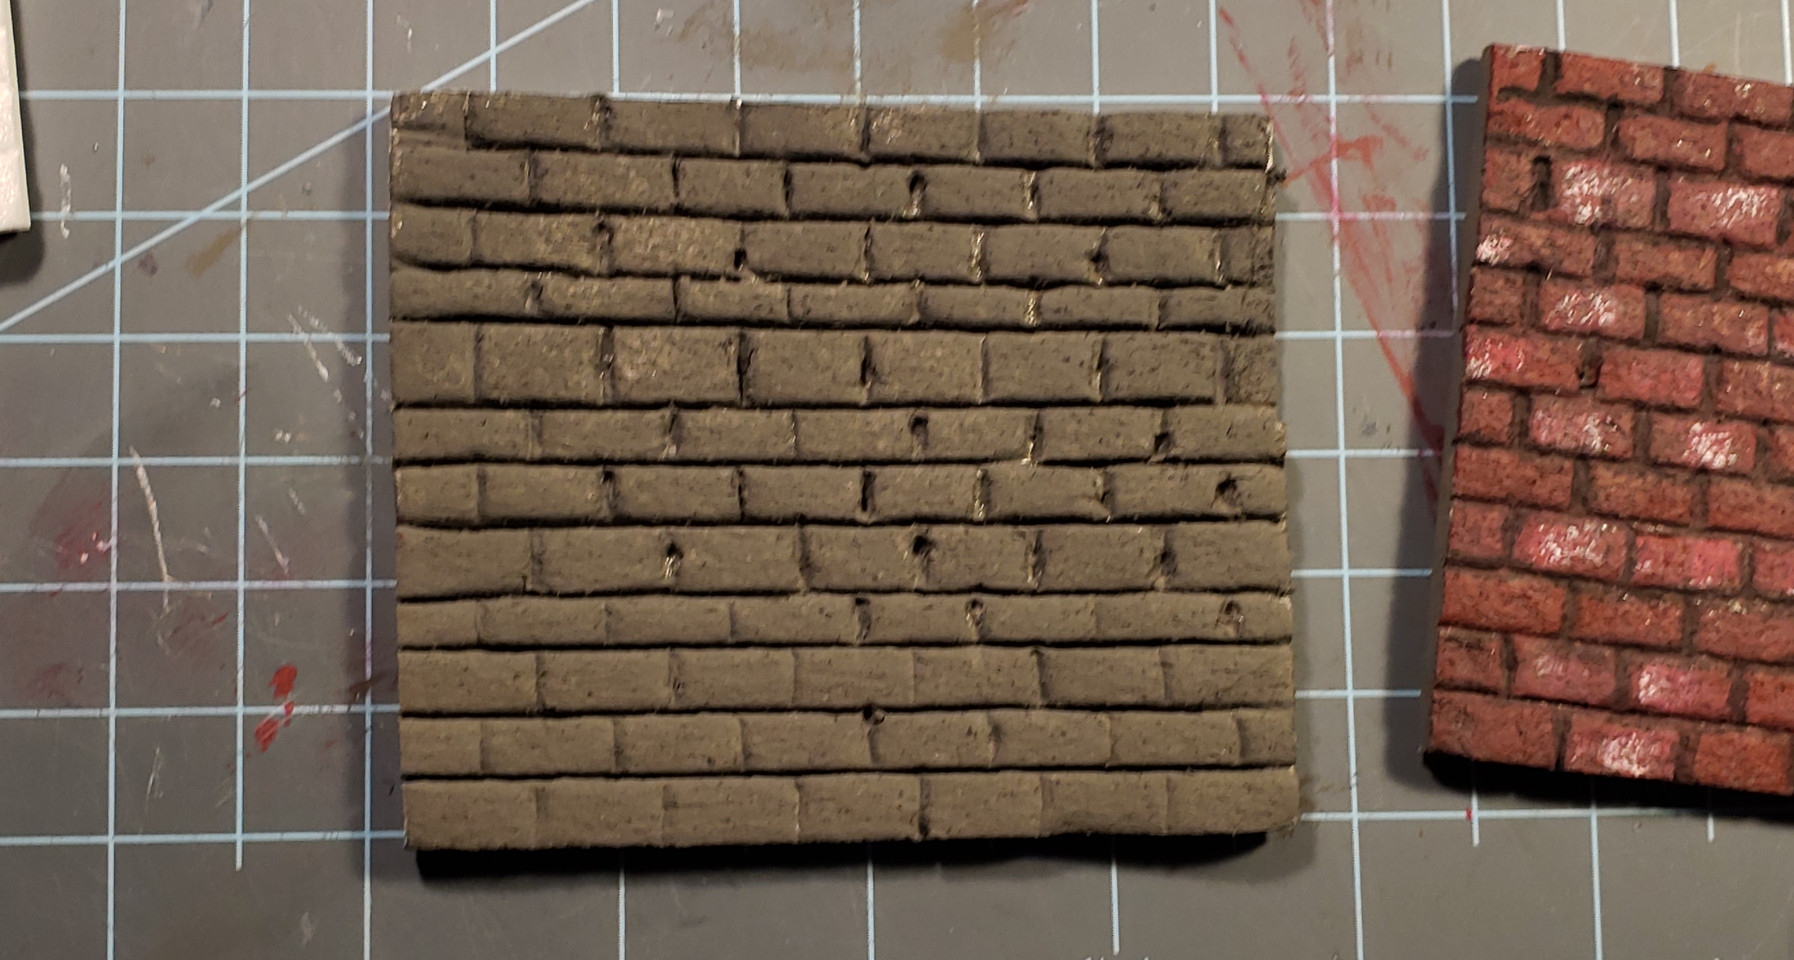 SC-Brickwall Closeup 3.jpg